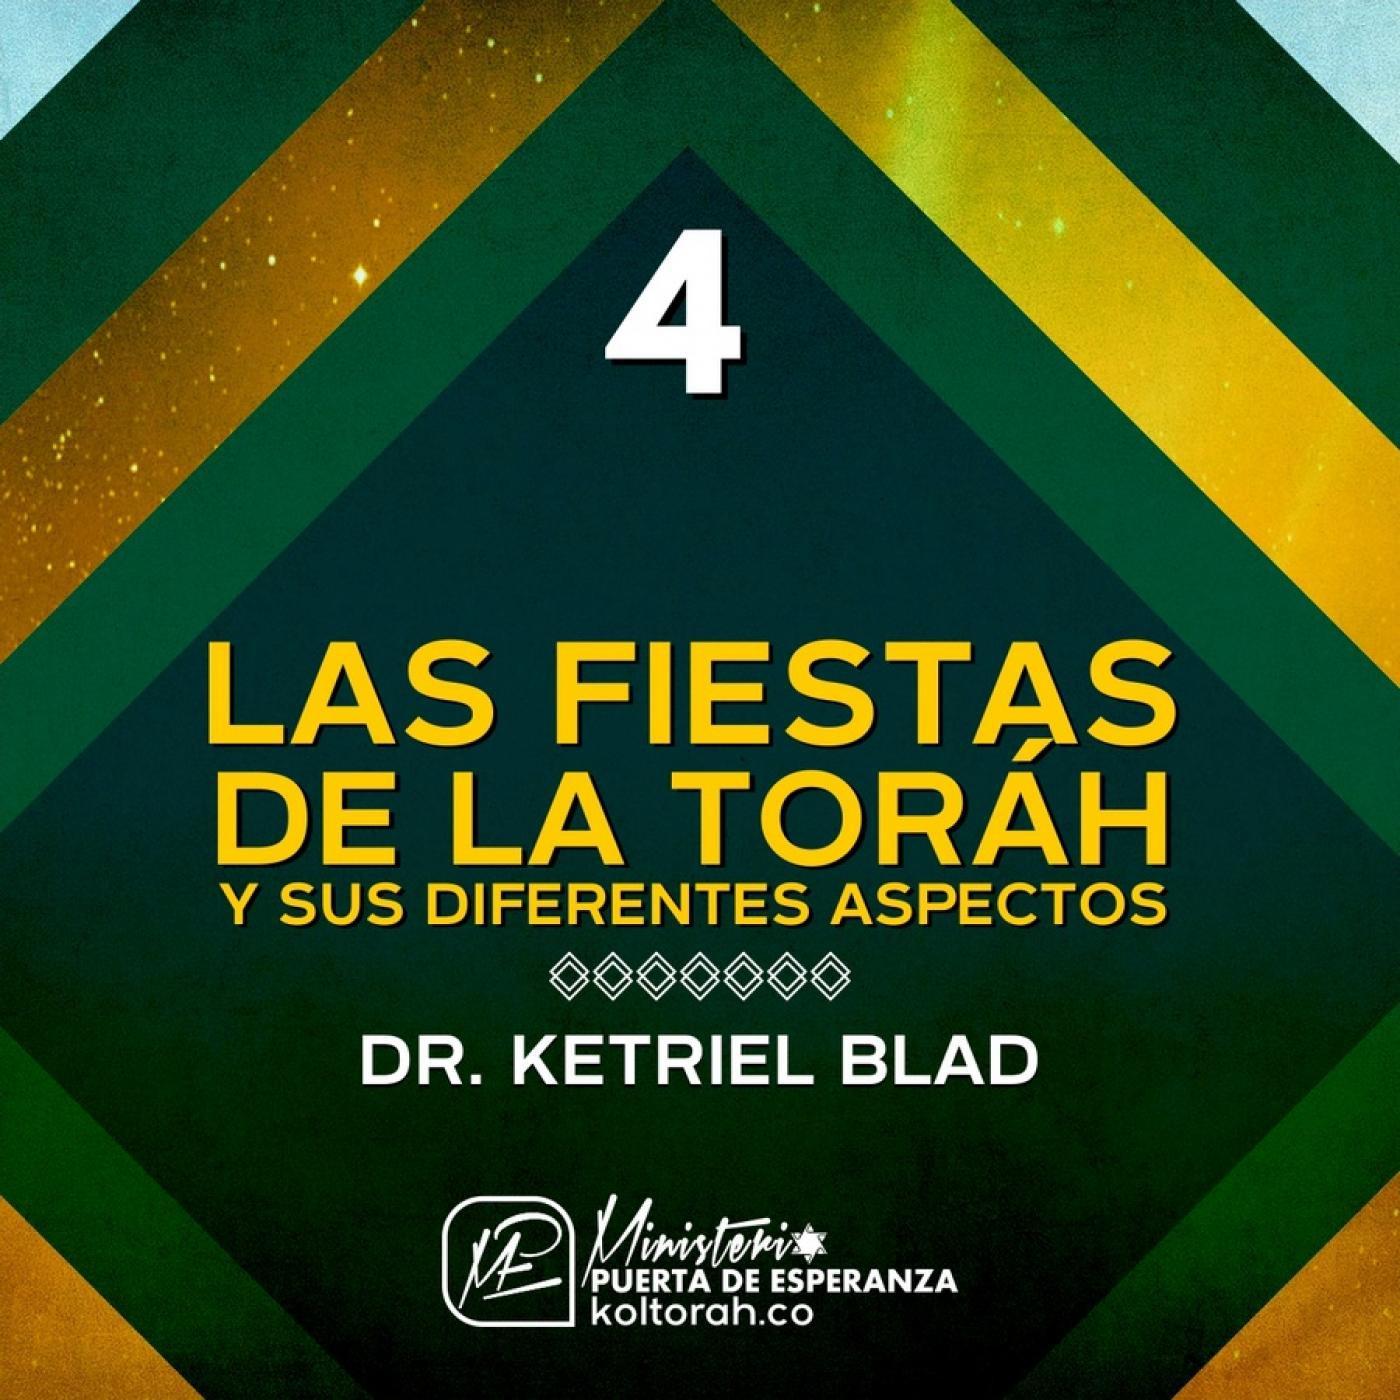 Las Fiestas de la Toráh y sus diferentes aspectos Pte 4 - Dr. S. Ketriel Blad